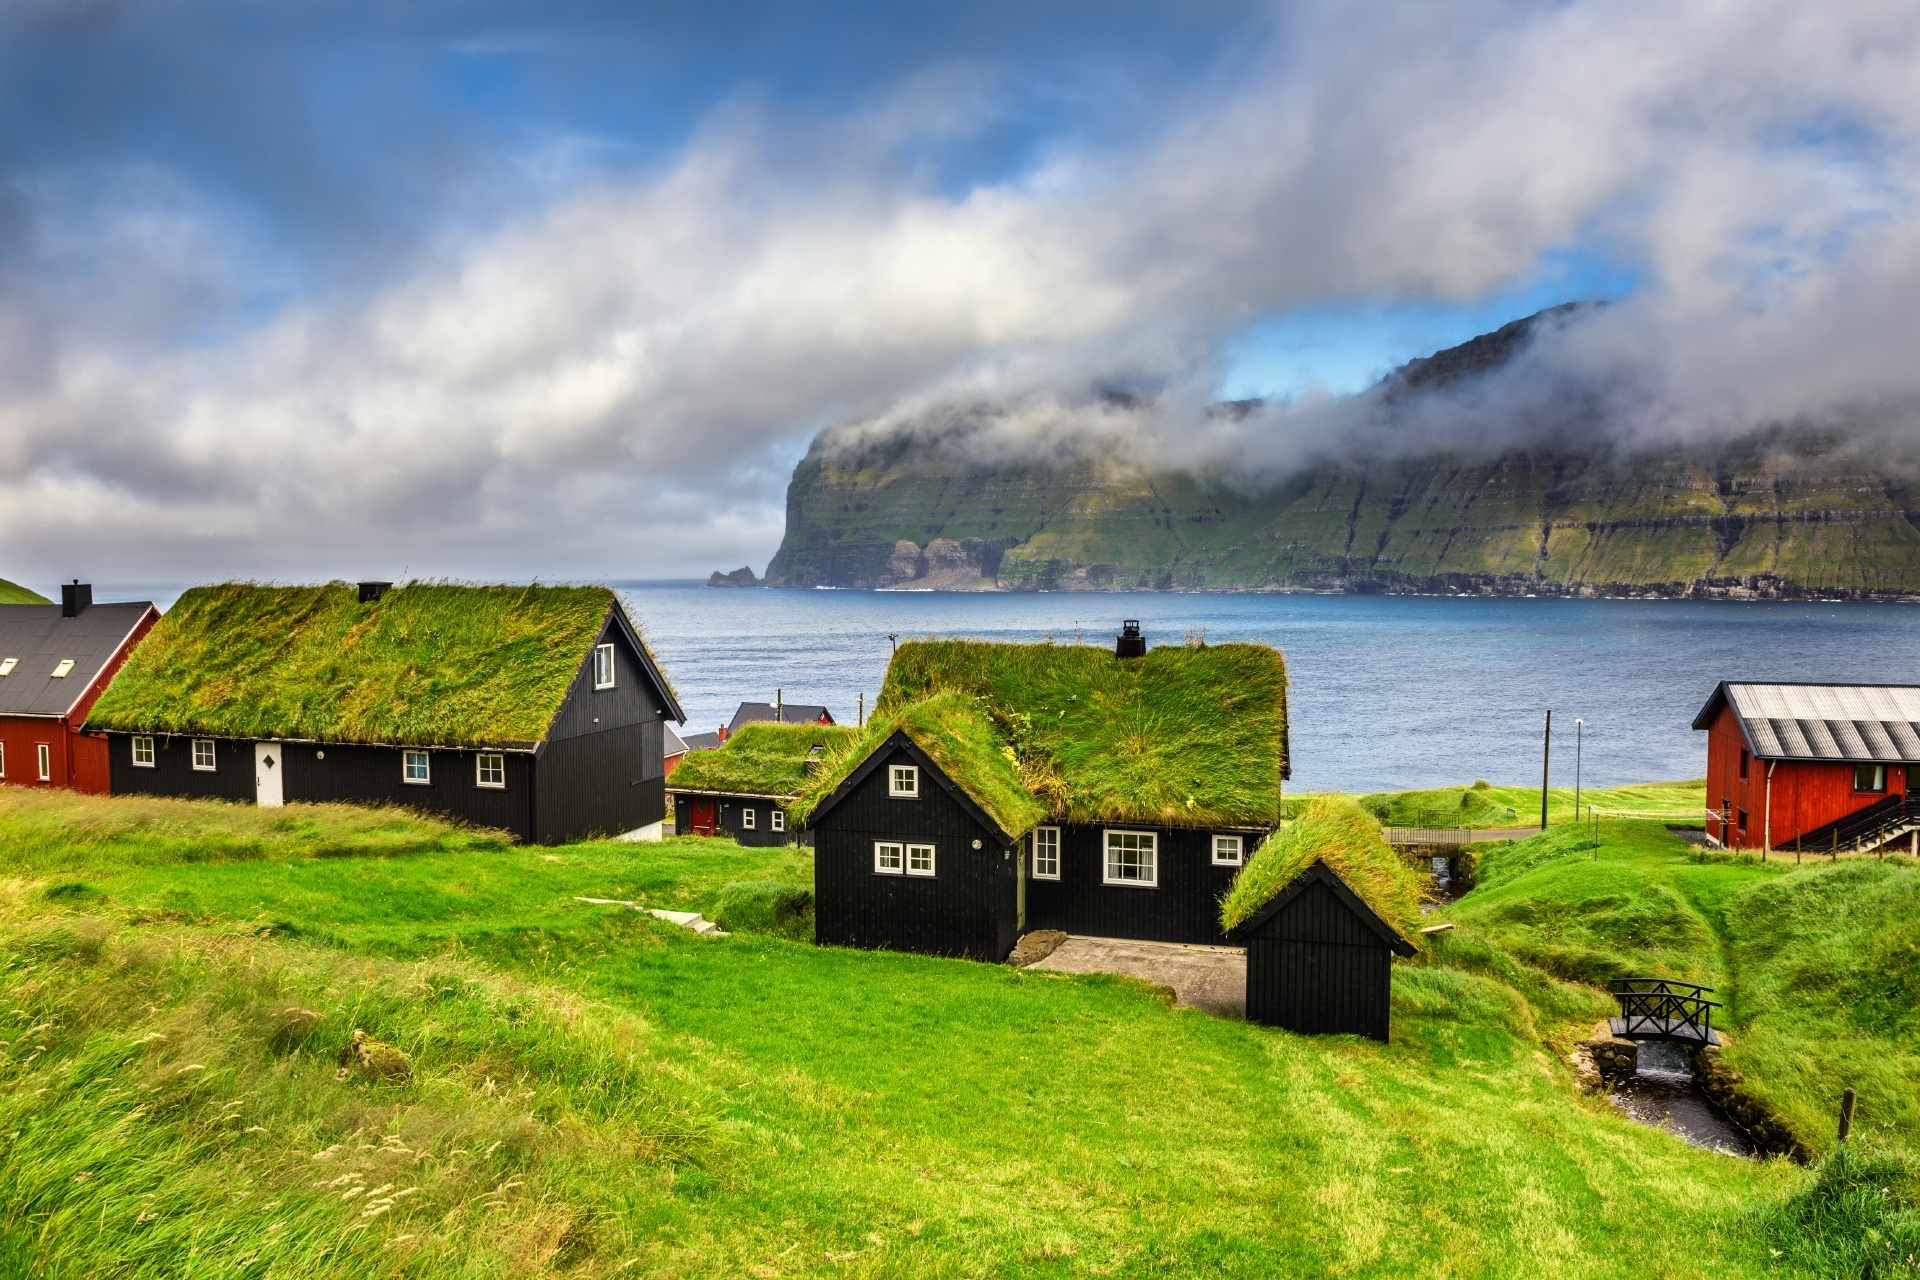 フェロー諸島カルソイ島の集落の風景 デンマークの風景